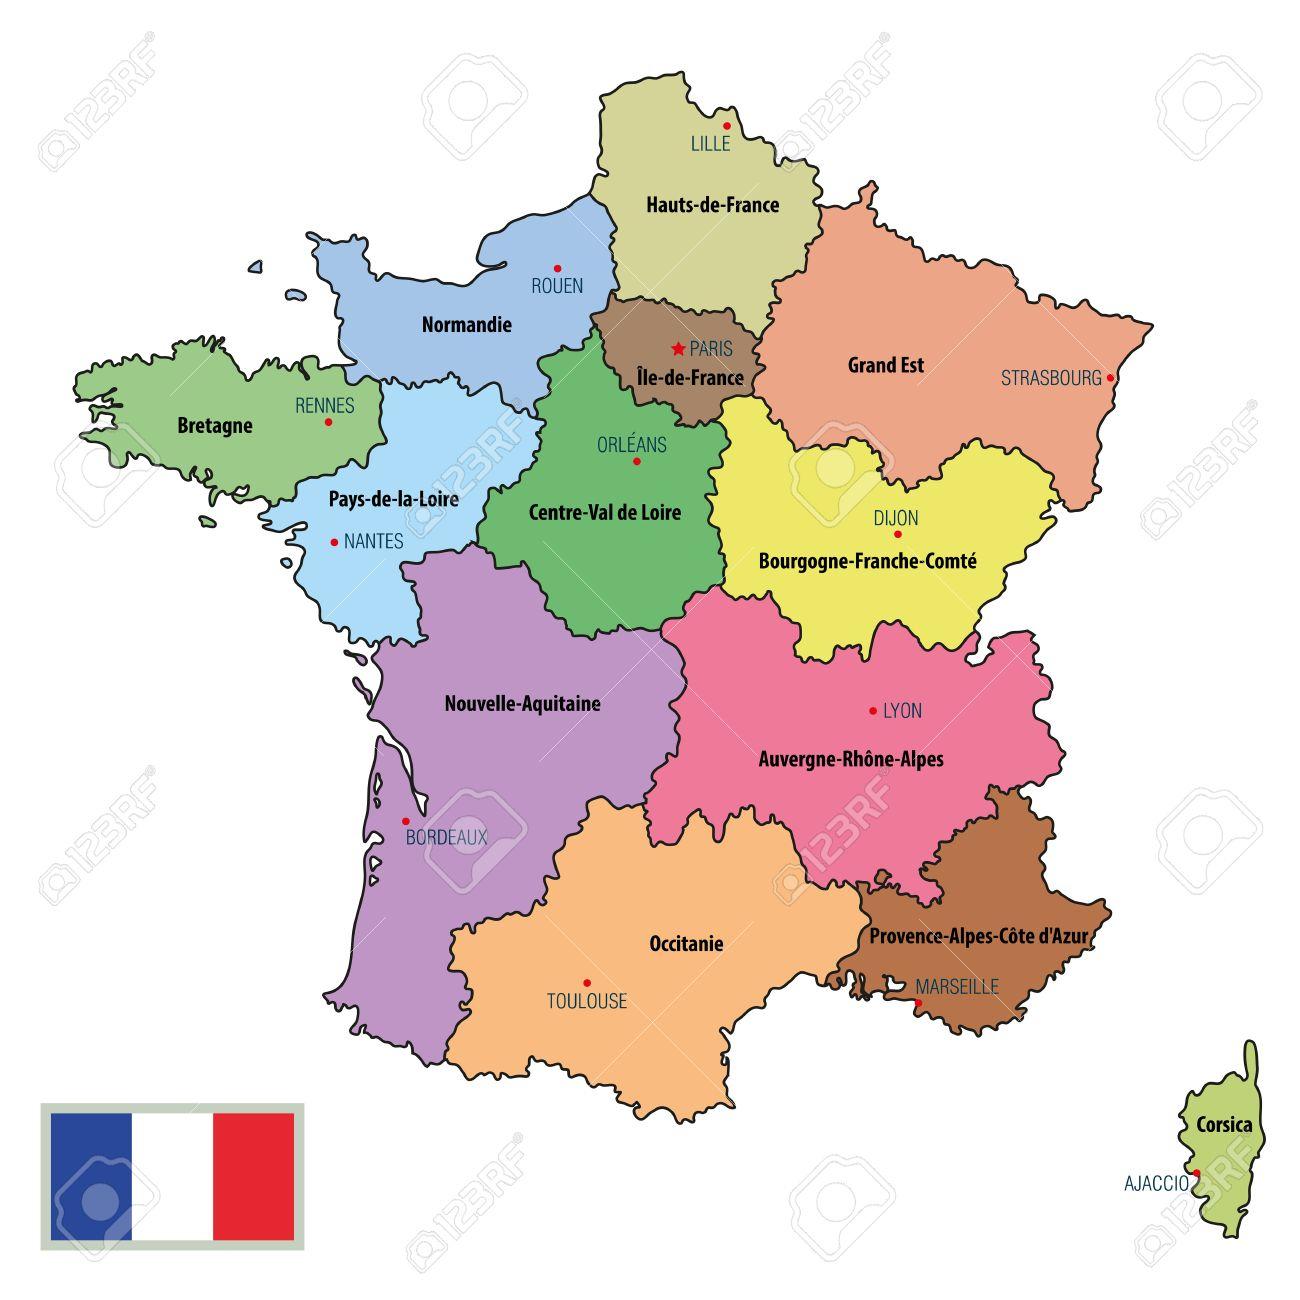 Vector Une Carte Politique Très Détaillée De La France Avec Les Régions Et  Leurs Capitales. Tous Les Éléments Sont Séparés Dans Des Calques intérieur Carte Du Sud De La France Détaillée